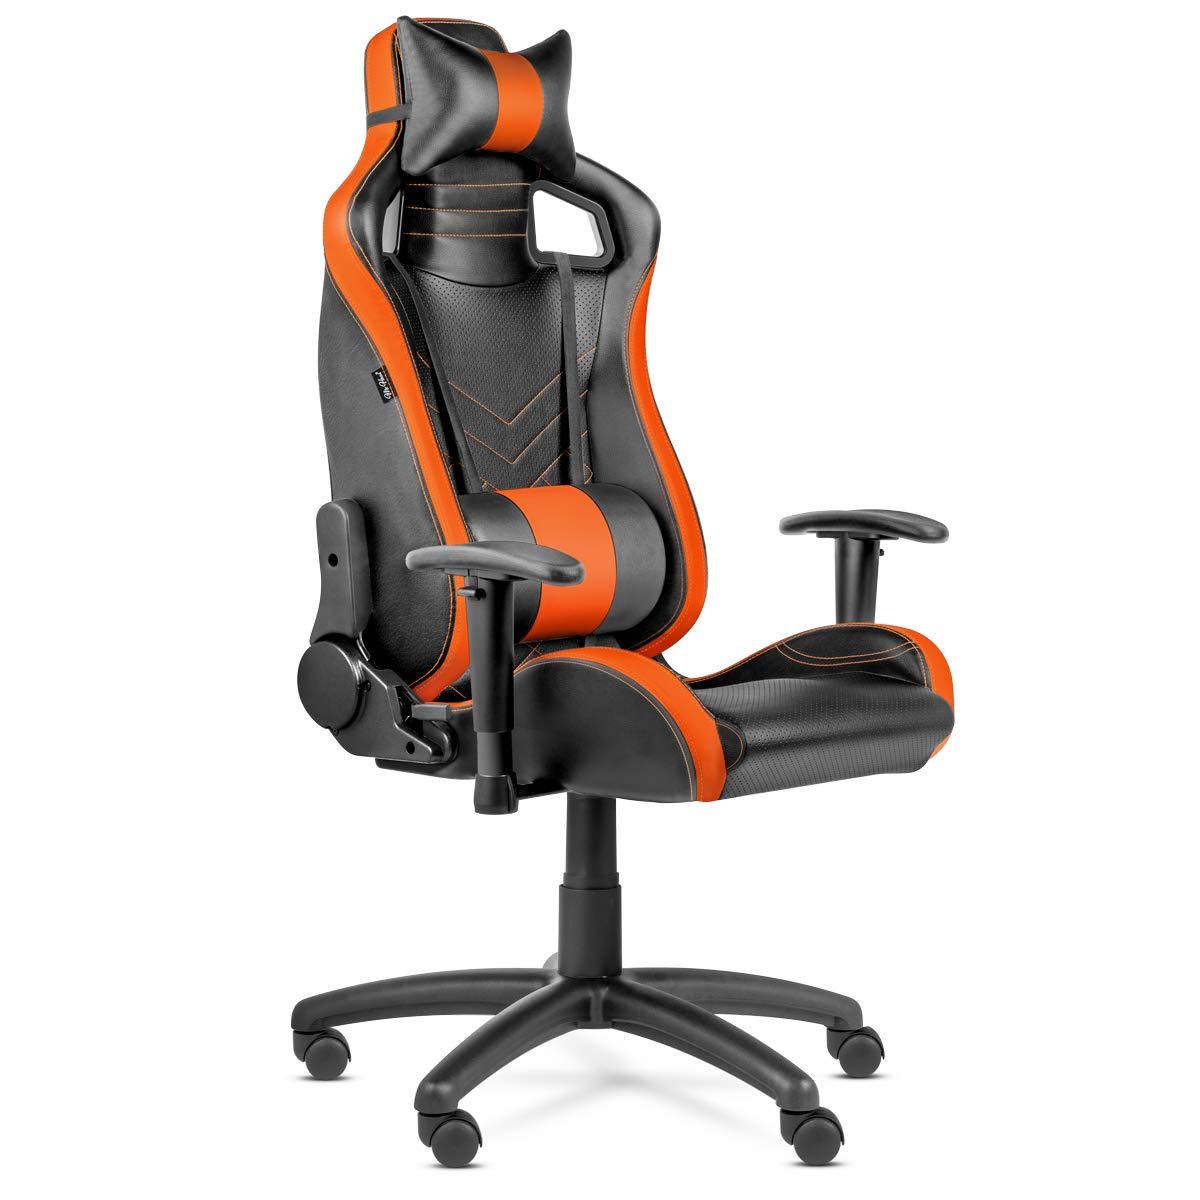 McHaus Gaming Pro Orange,M